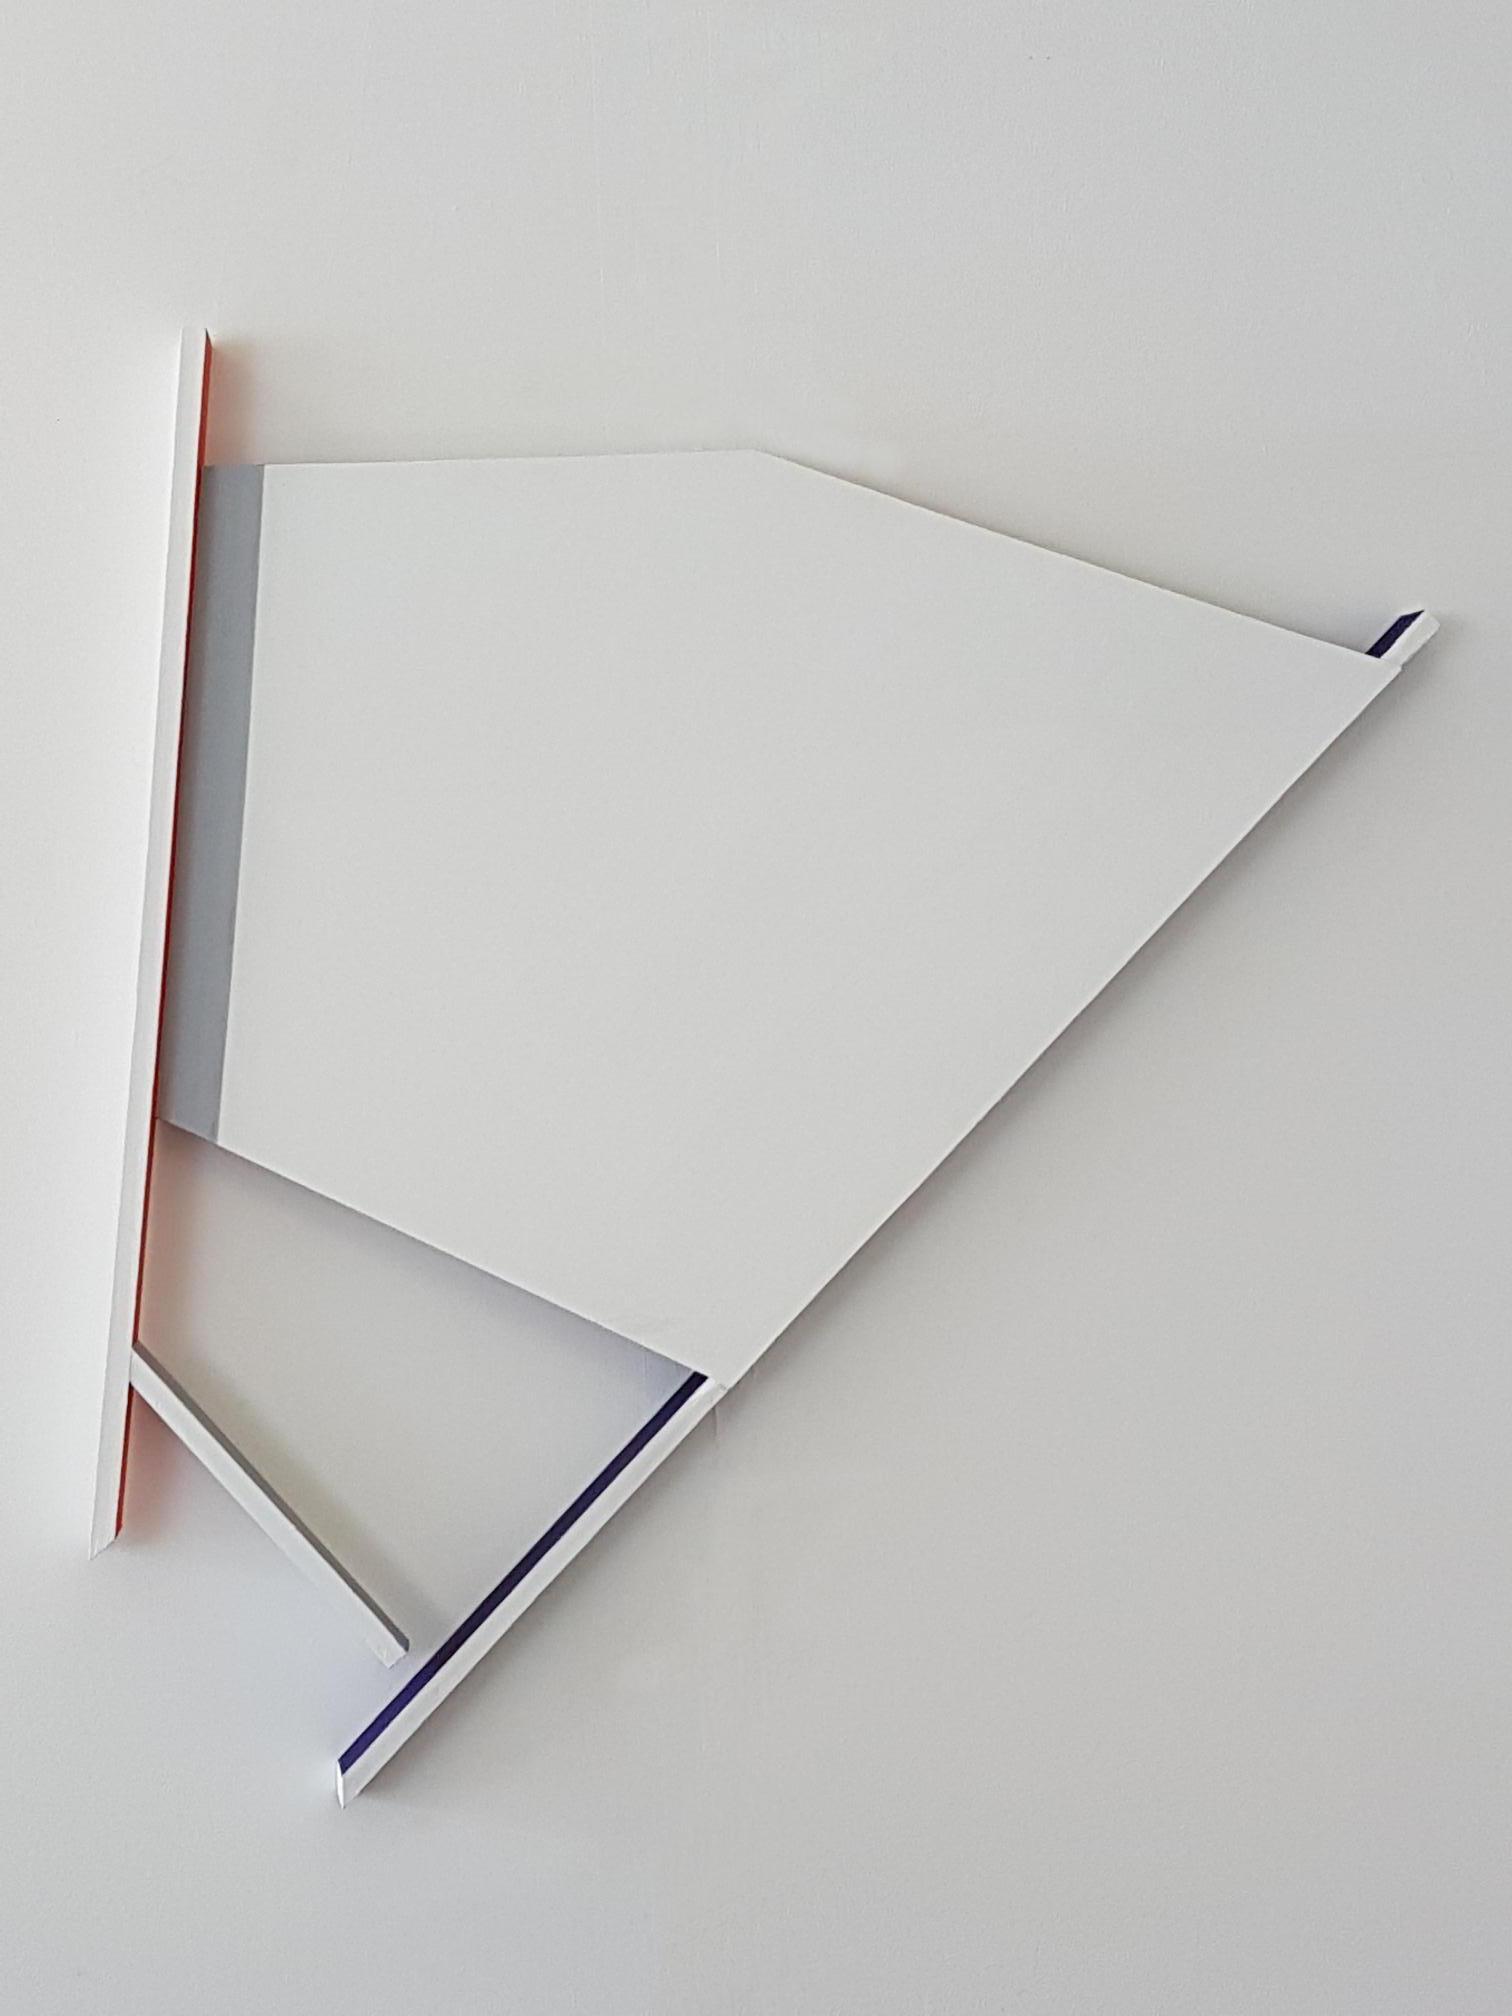 Heidi Sundvig, Freeform, W 82 cm, H 90 cm, Acrylics on wood